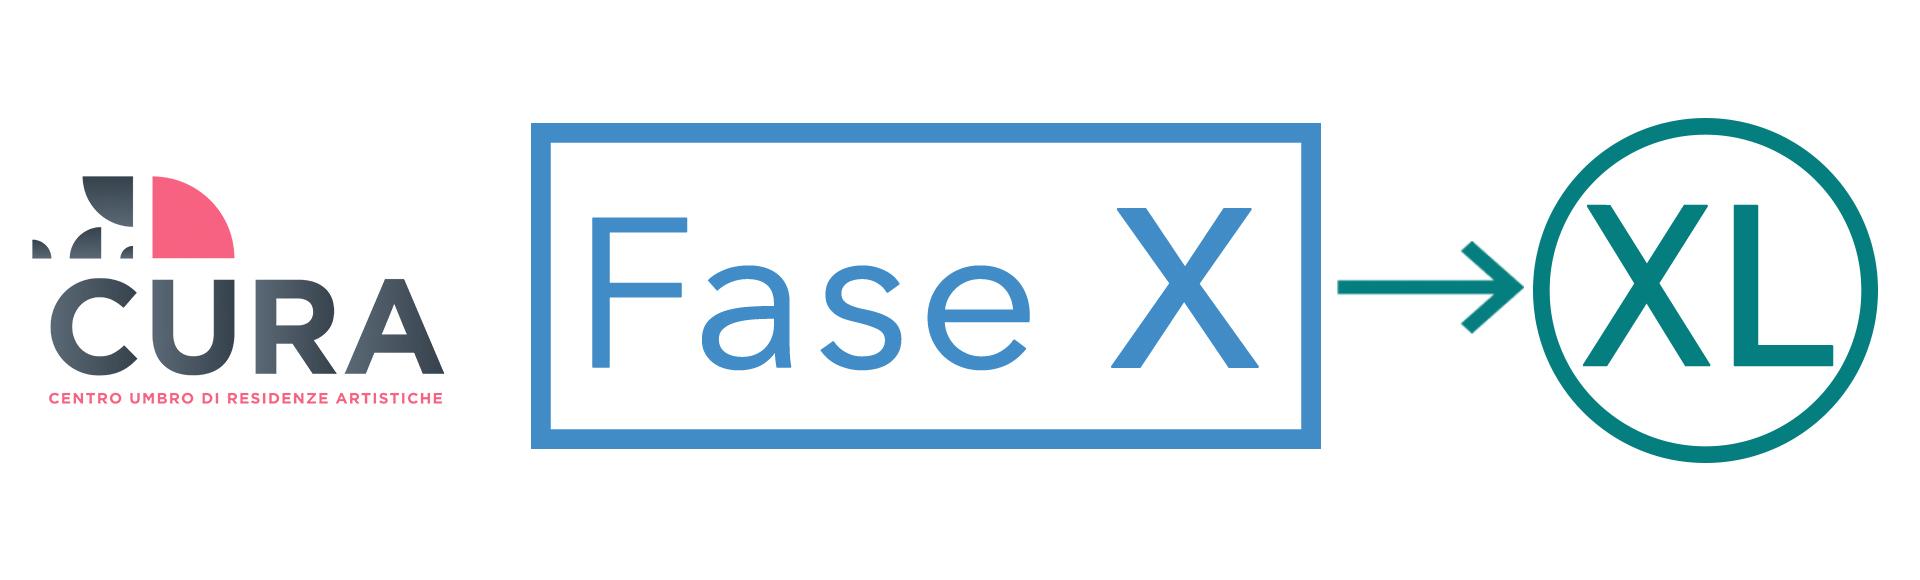 Fase XL